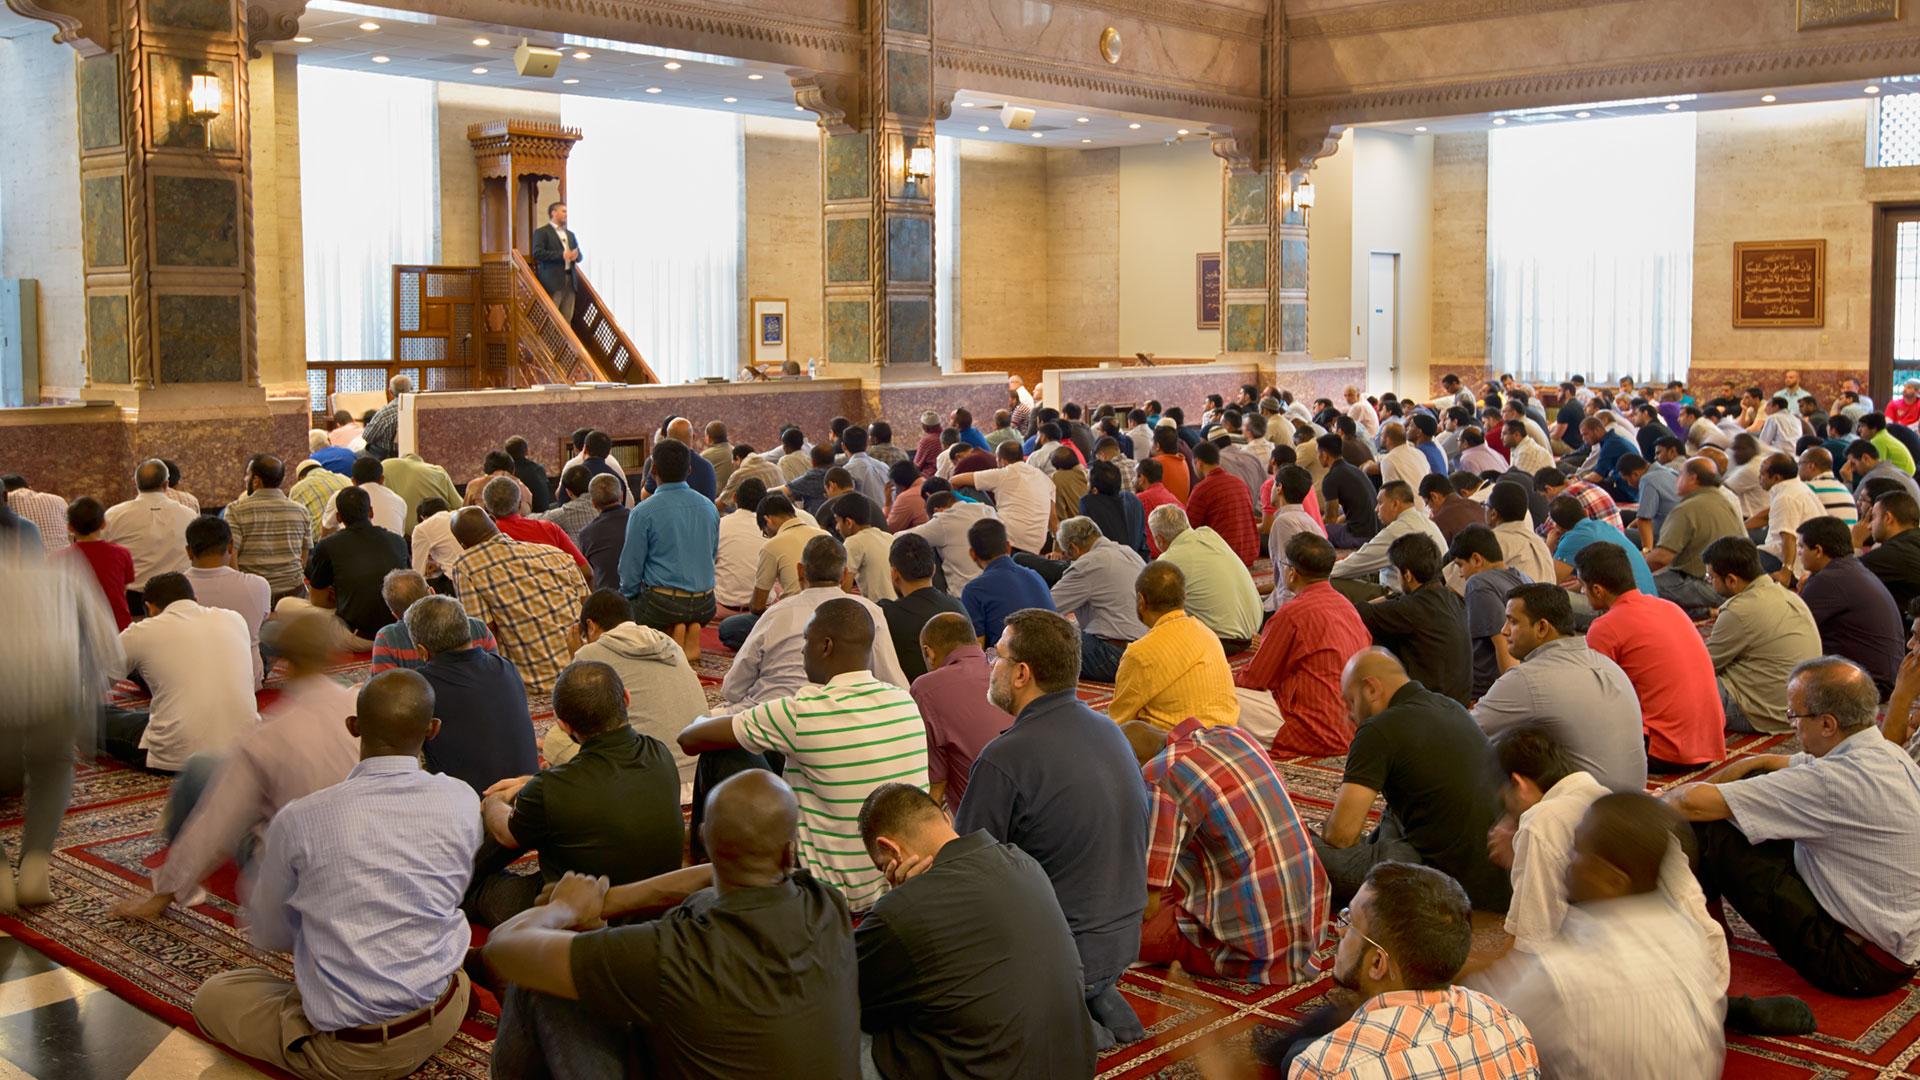 Masjid | Islamic Da'wah Center